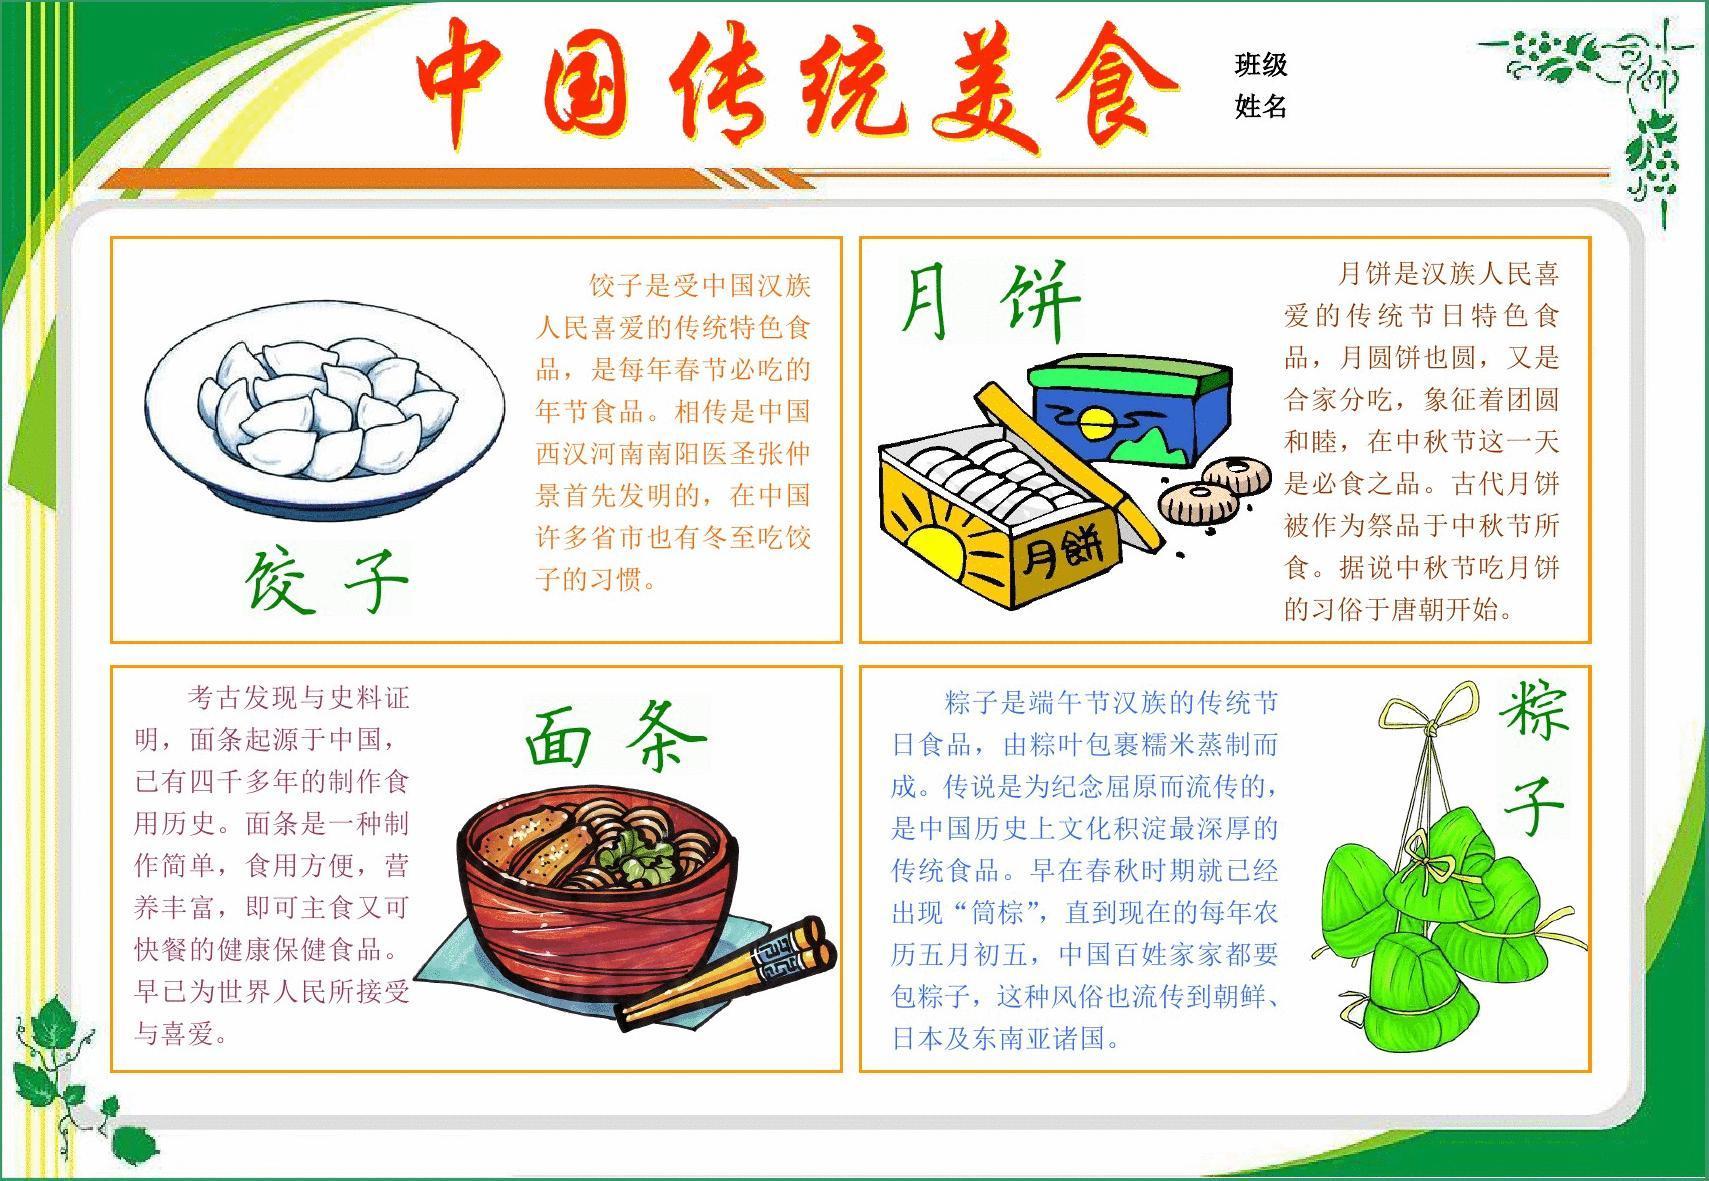 中国传统美食2033a3小学生电子小报成品,简报报刊手抄报模板,画报剪图片